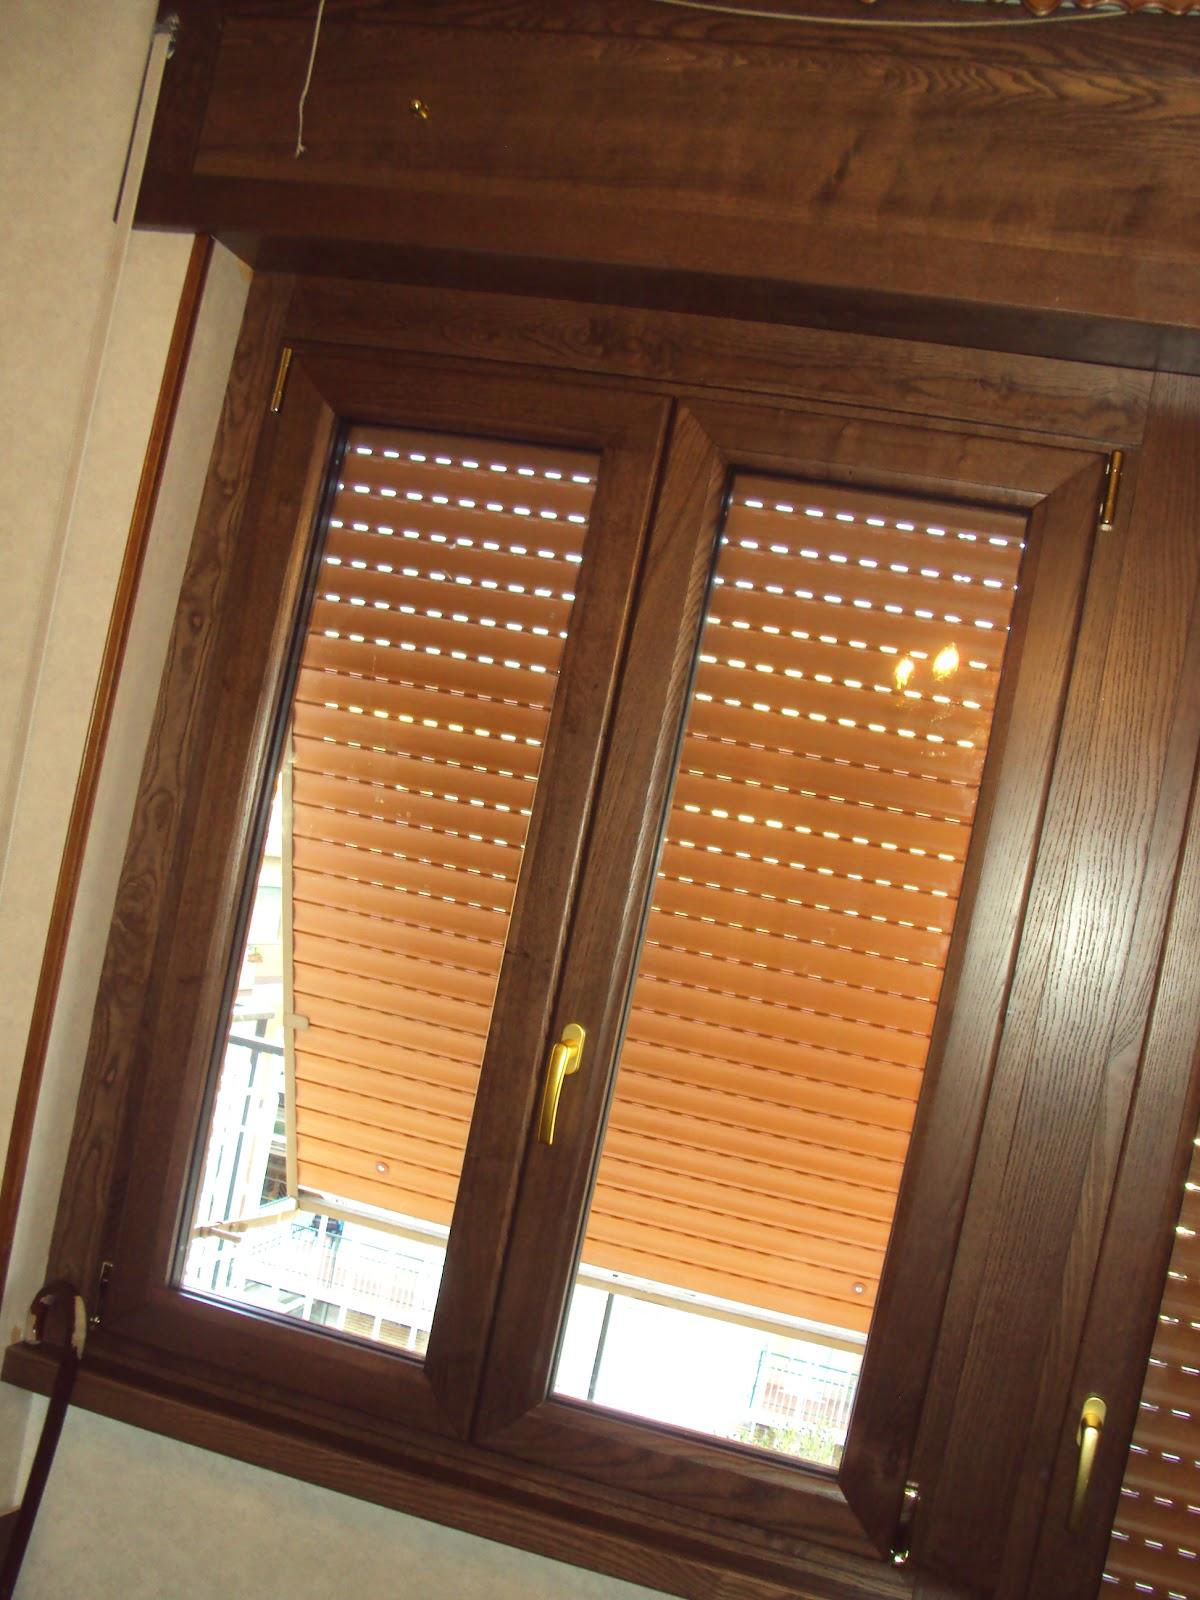 Mille porte e tende le nostre meravigliose finestre in for Finestre di legno